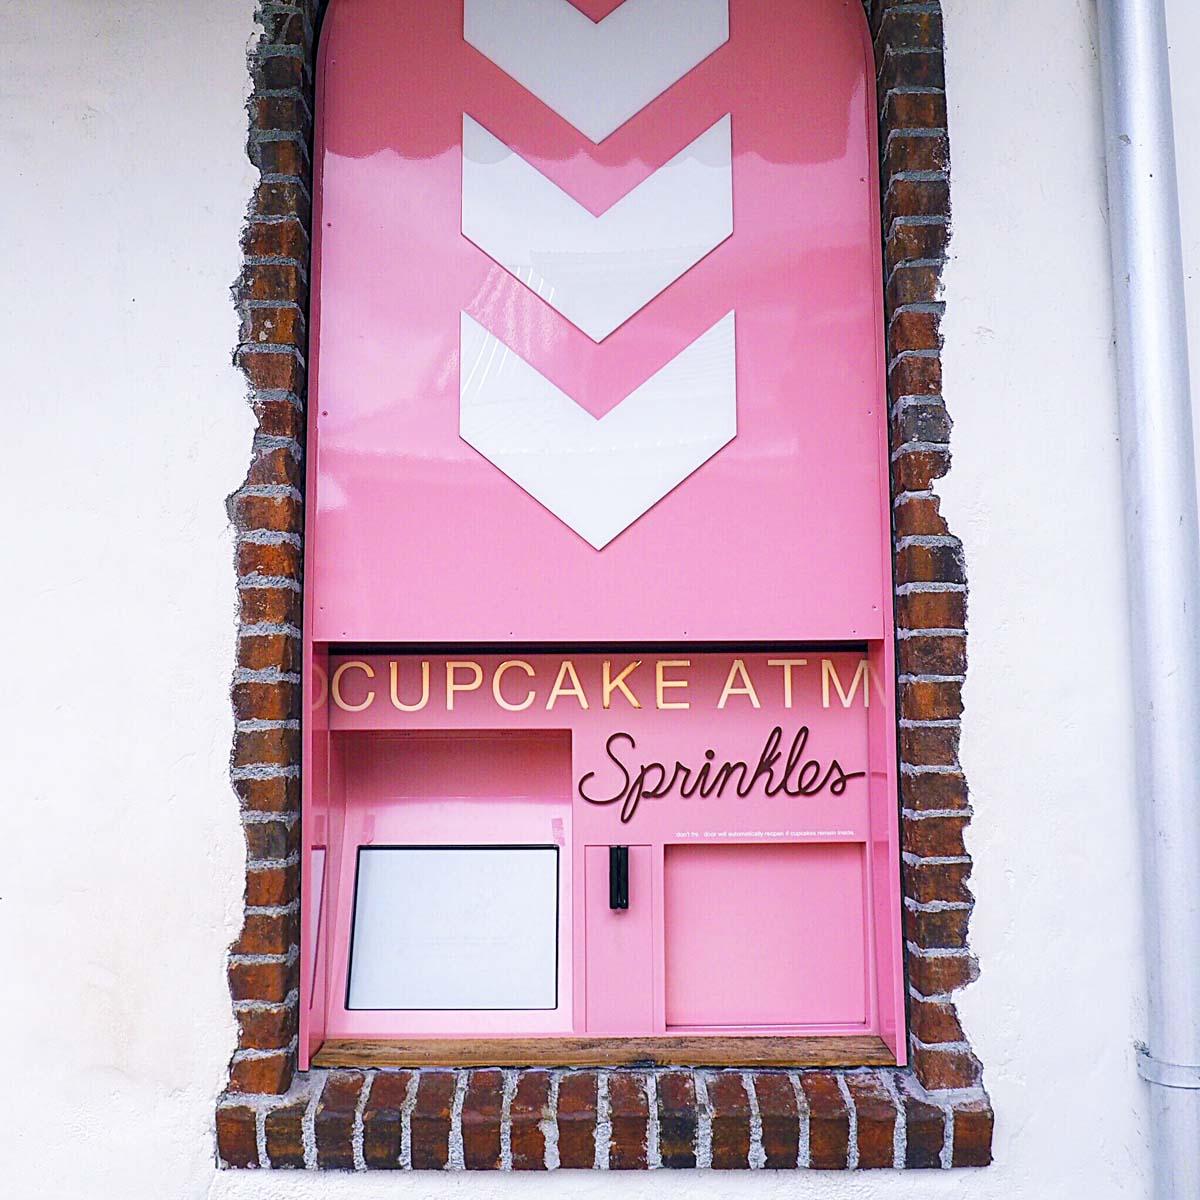 Sprinkles Cupcake ATM, Orlando